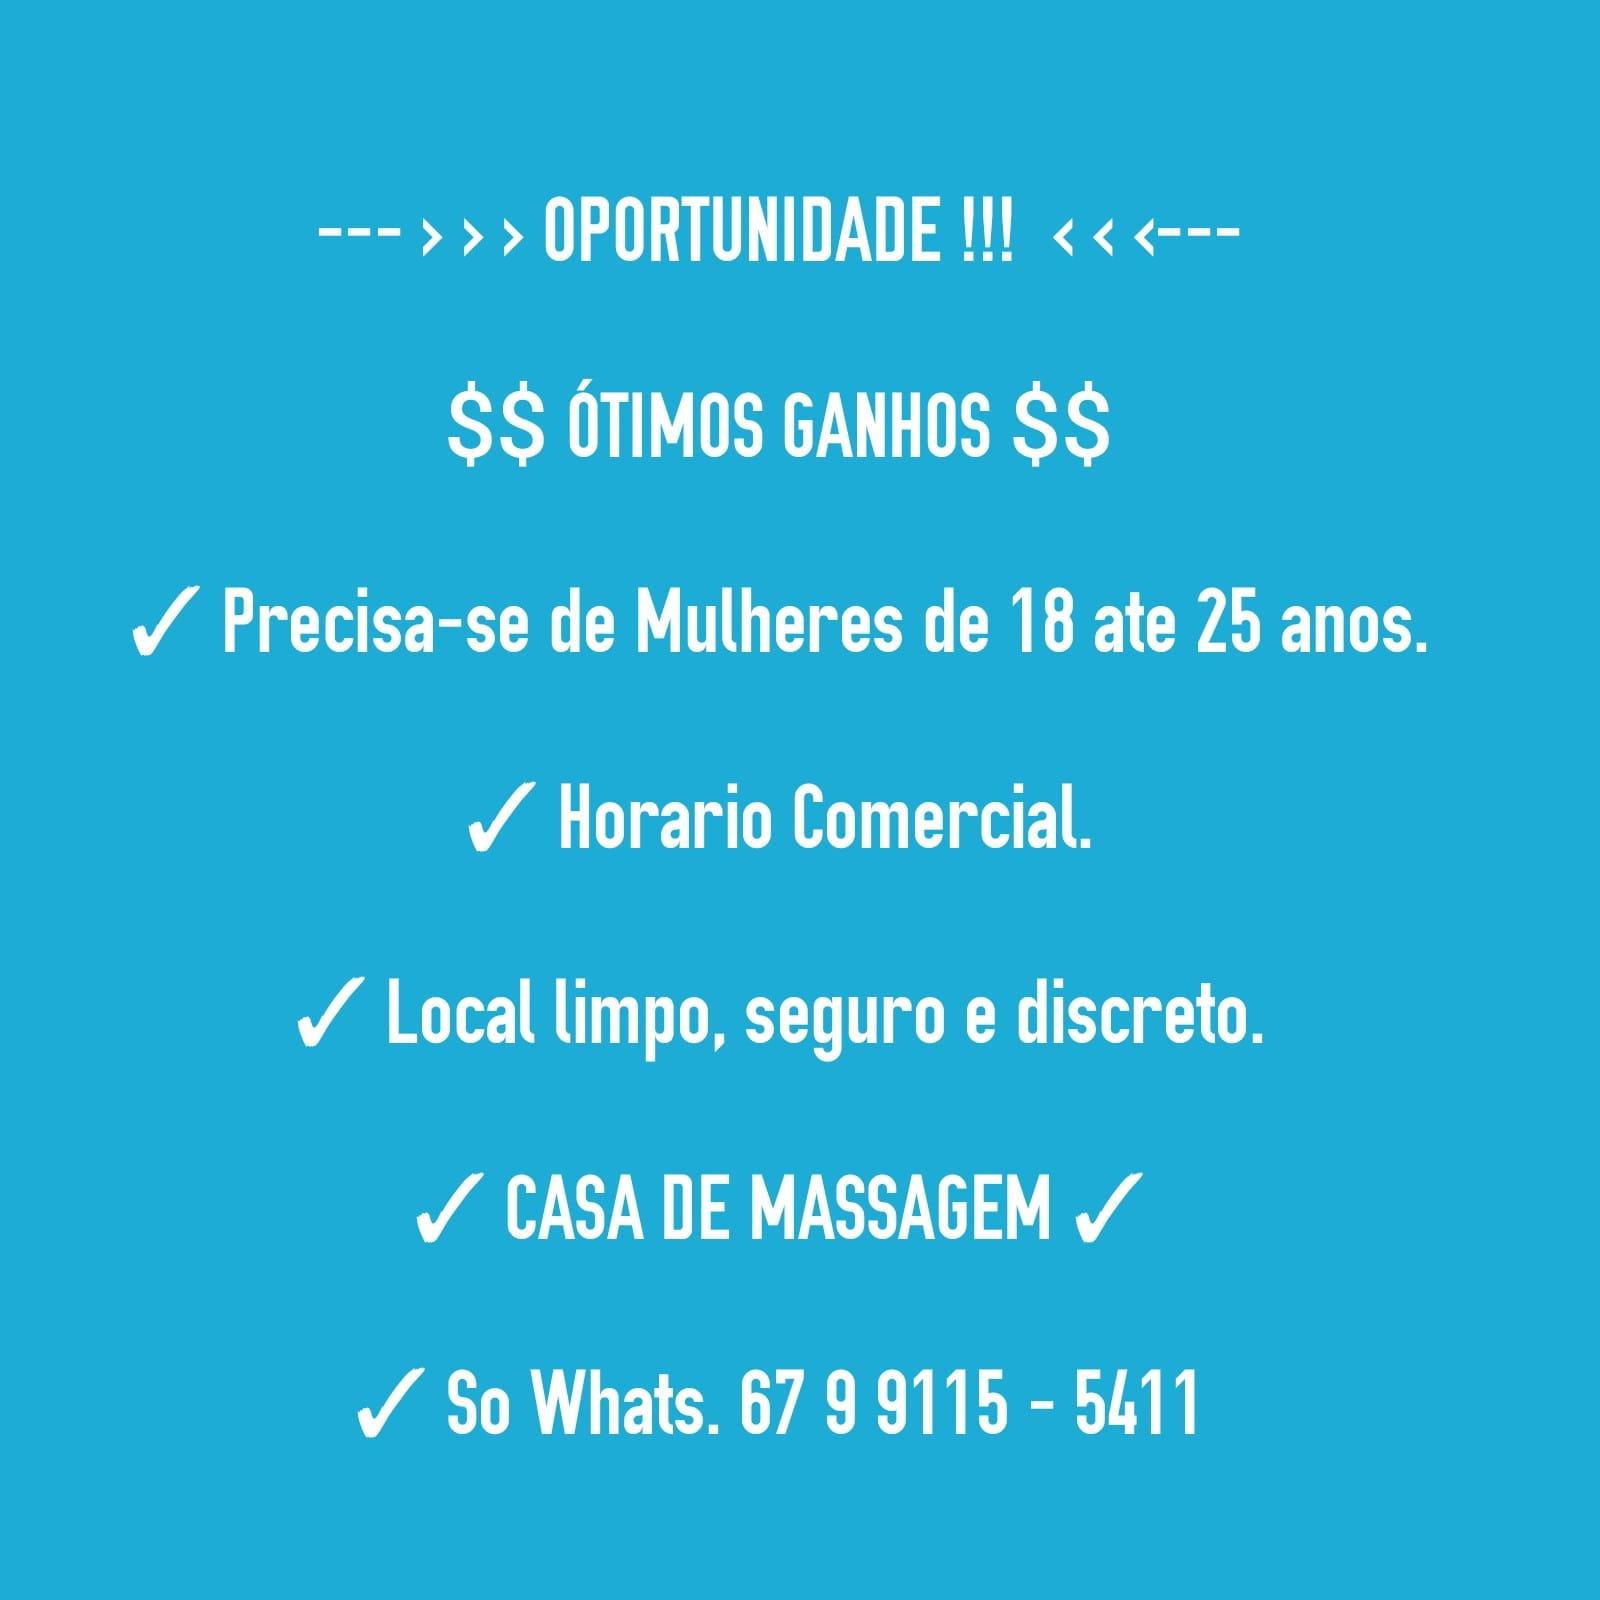 Acompanhante Campo Grande   Precisa-se de Mulheres